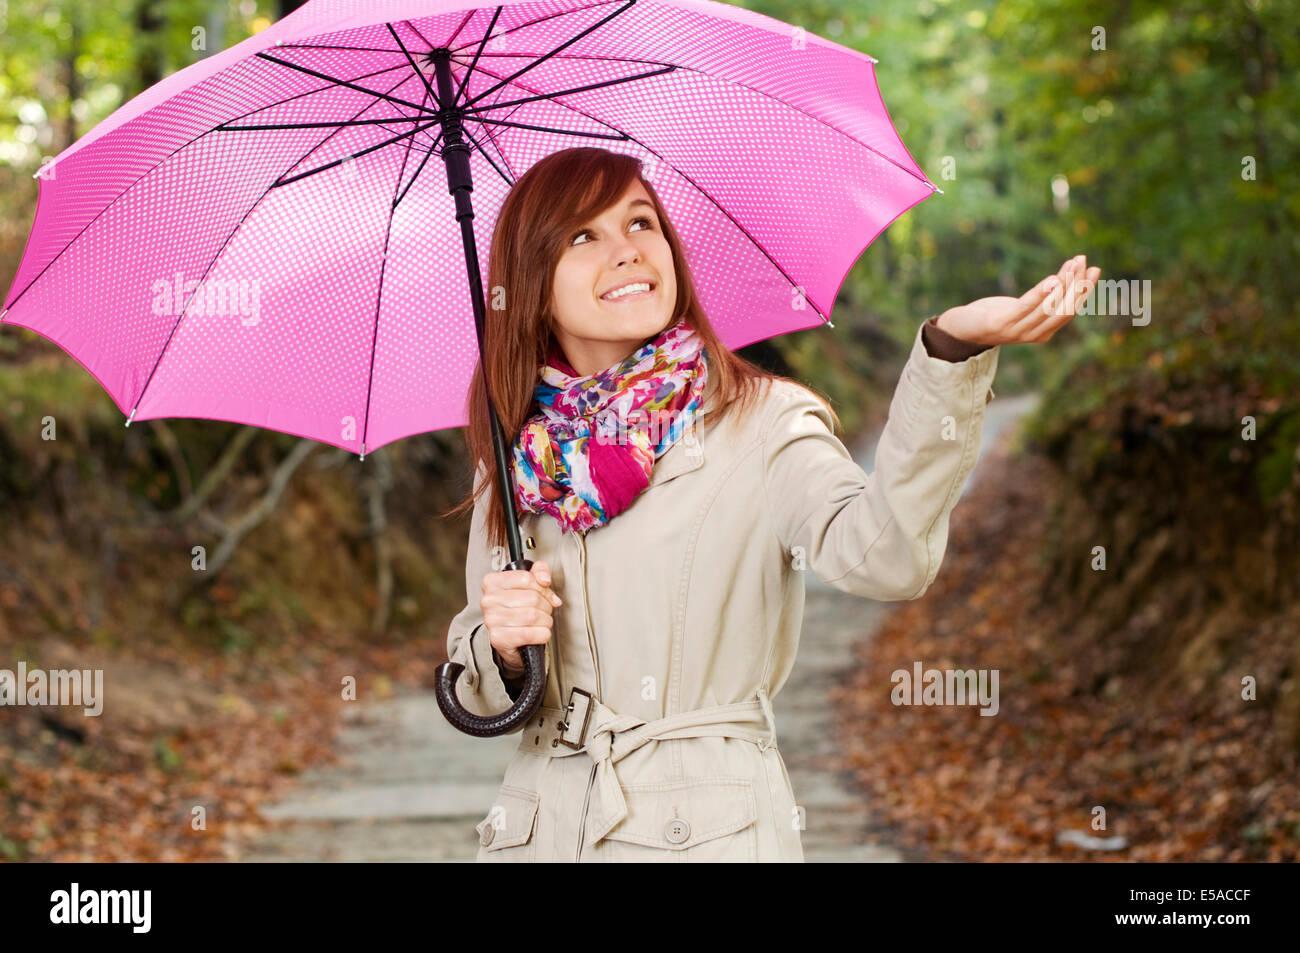 Beautiful girl with umbrella checking for rain, Debica ...